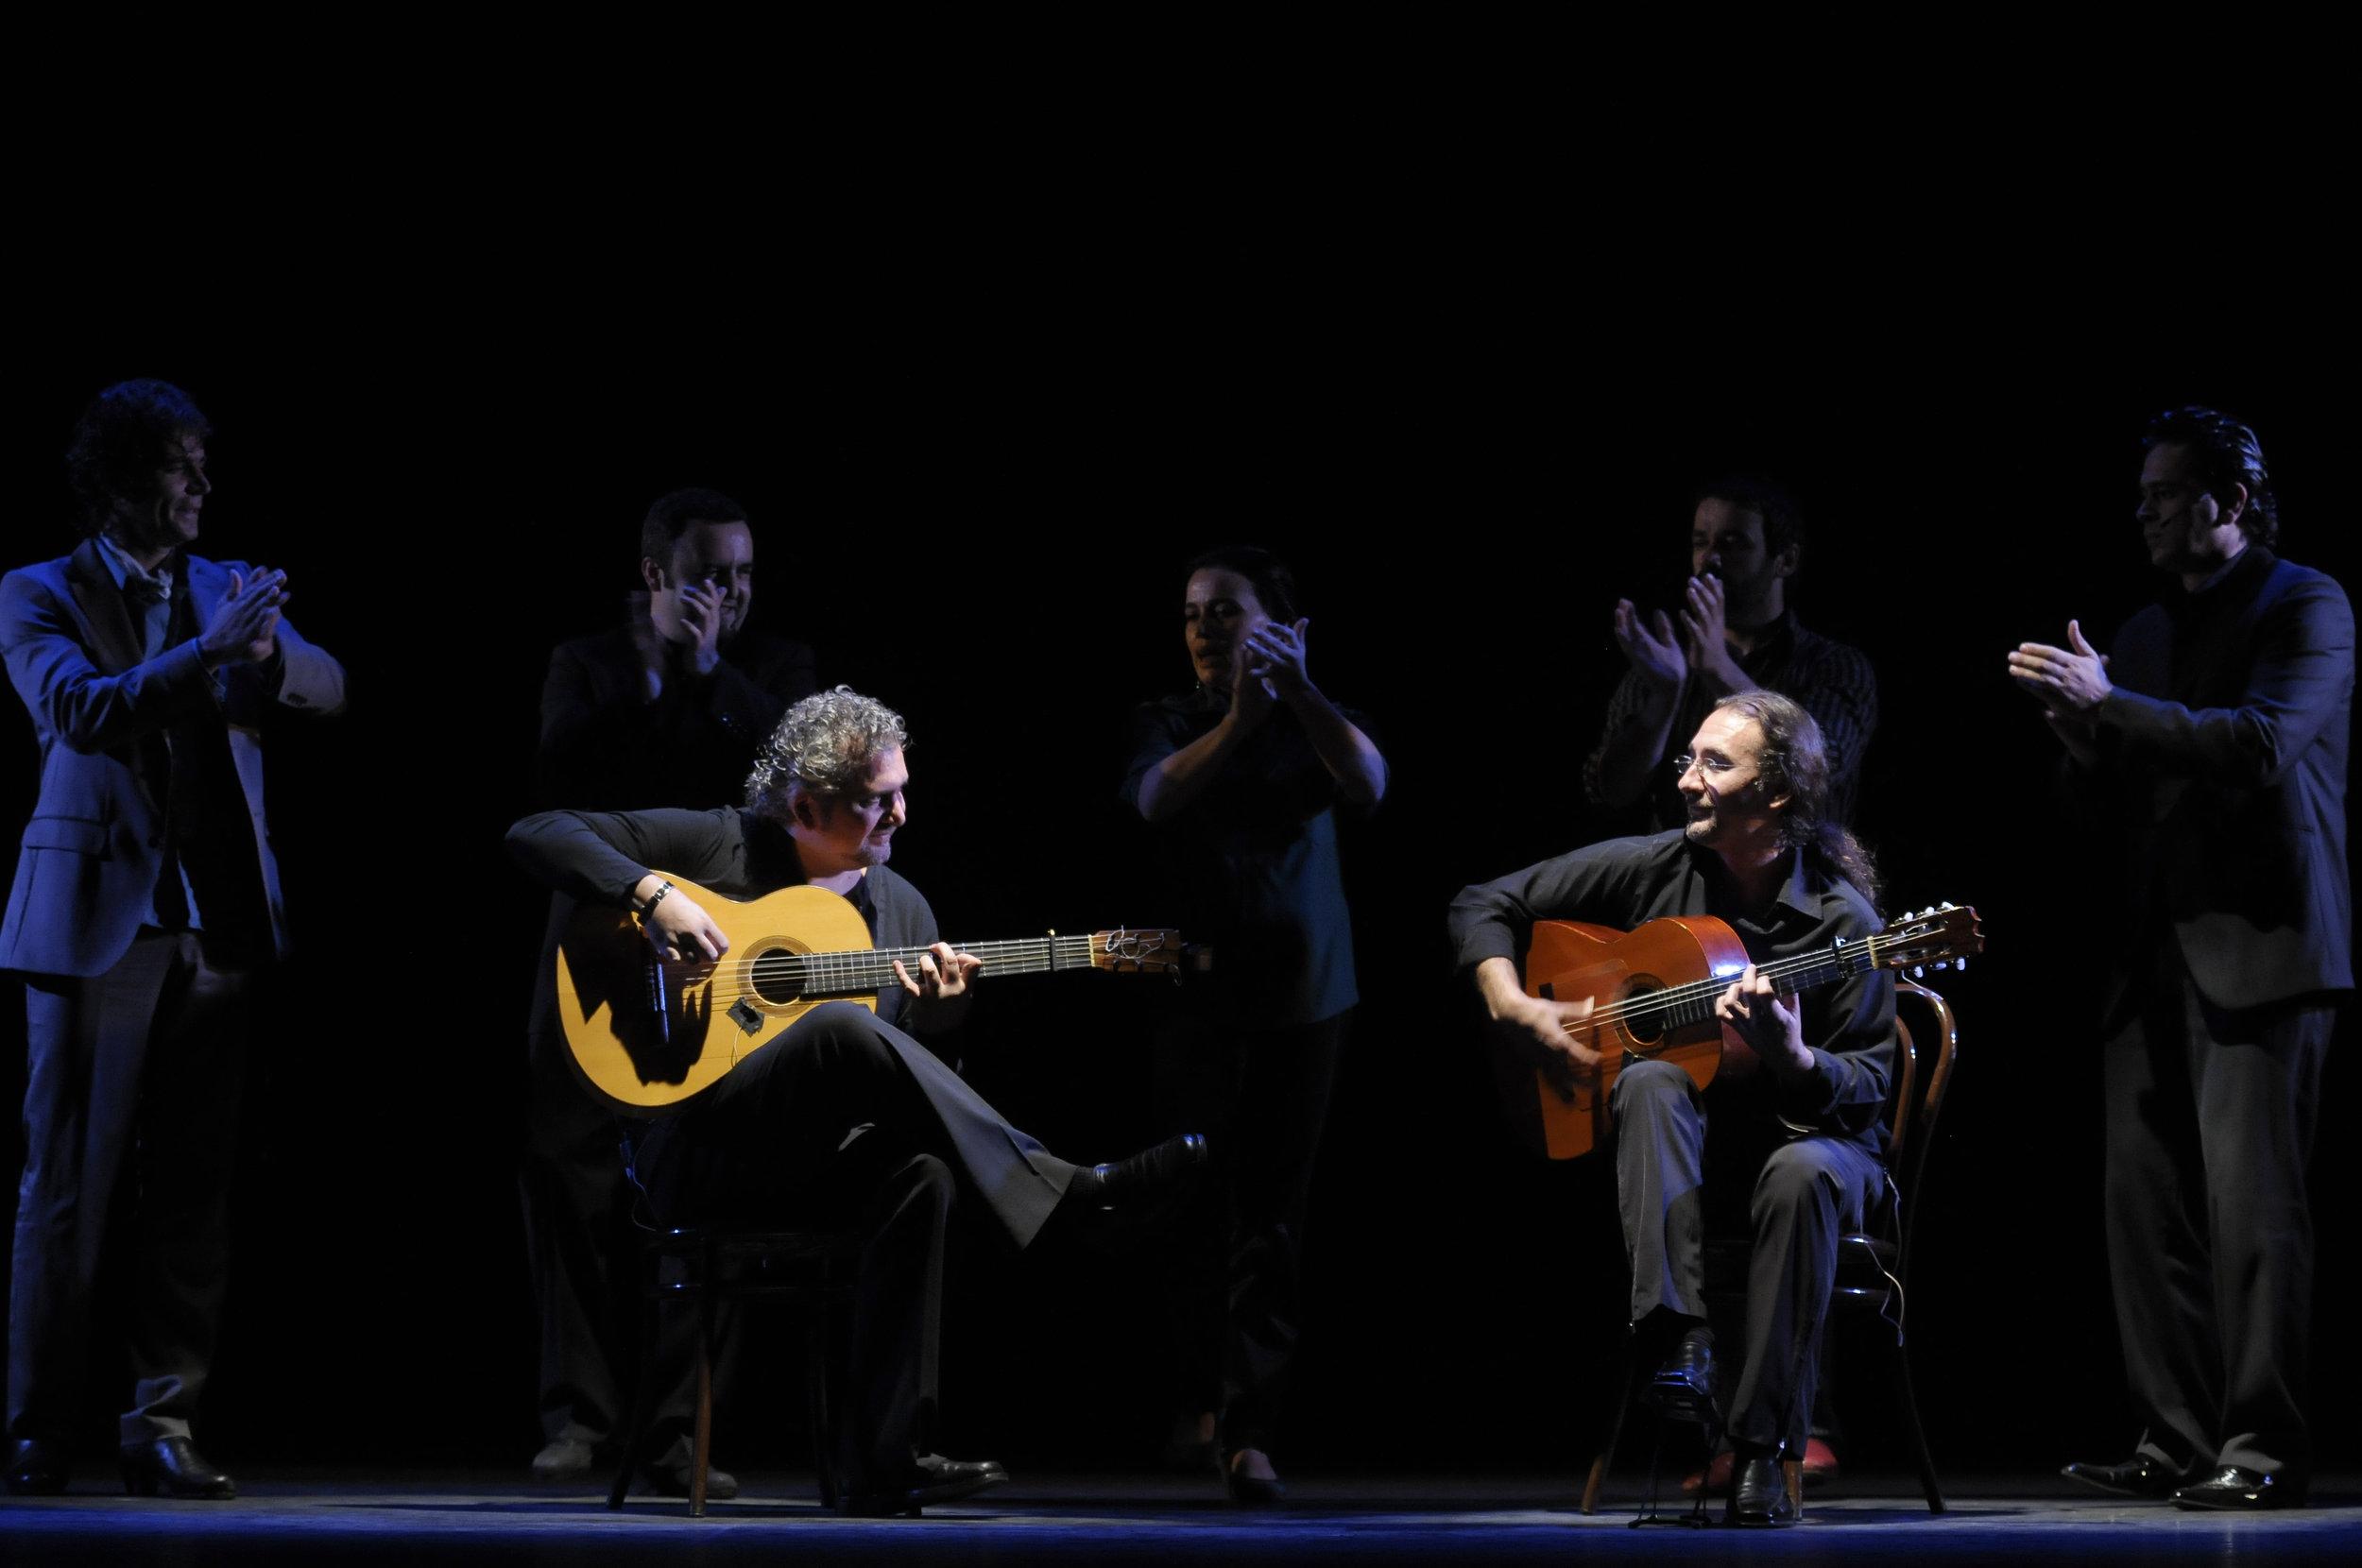 Noche Flamenca -04- Andres D'Elia.jpg